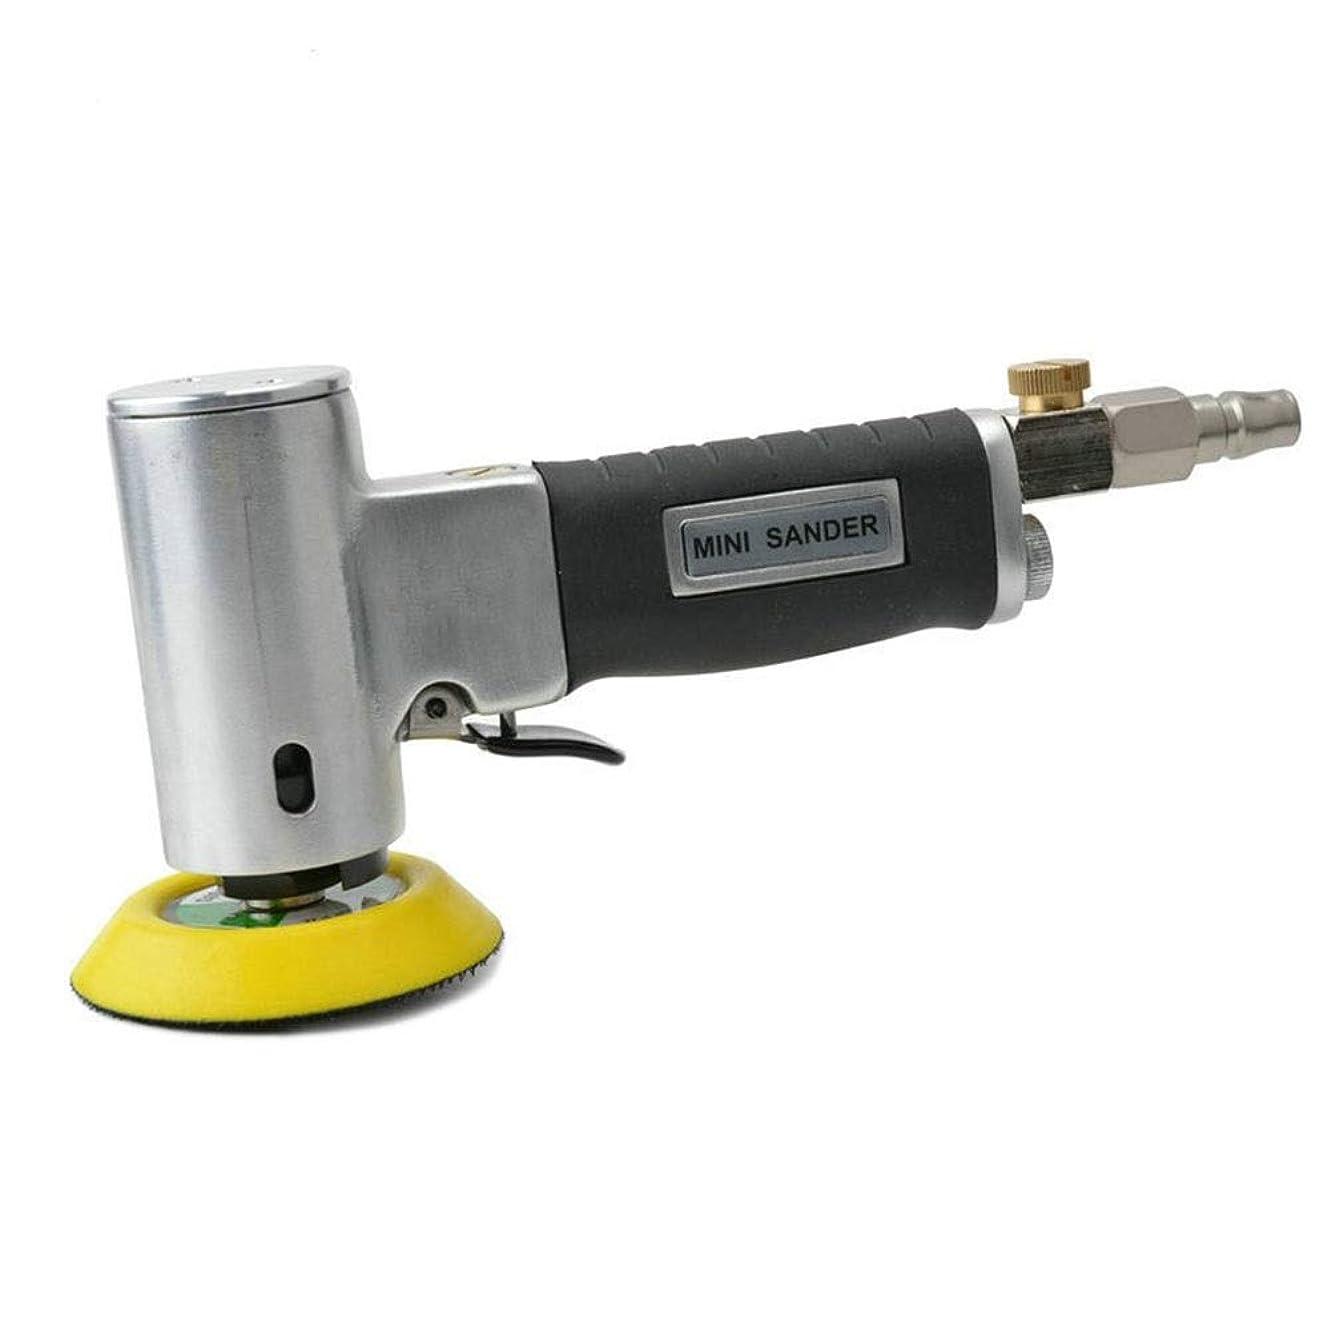 薄めるバインドキャリアエア工具 空気圧研磨機、ハンドヘルド研磨機、研削盤、75ミリメートルサンドペーパーマシン